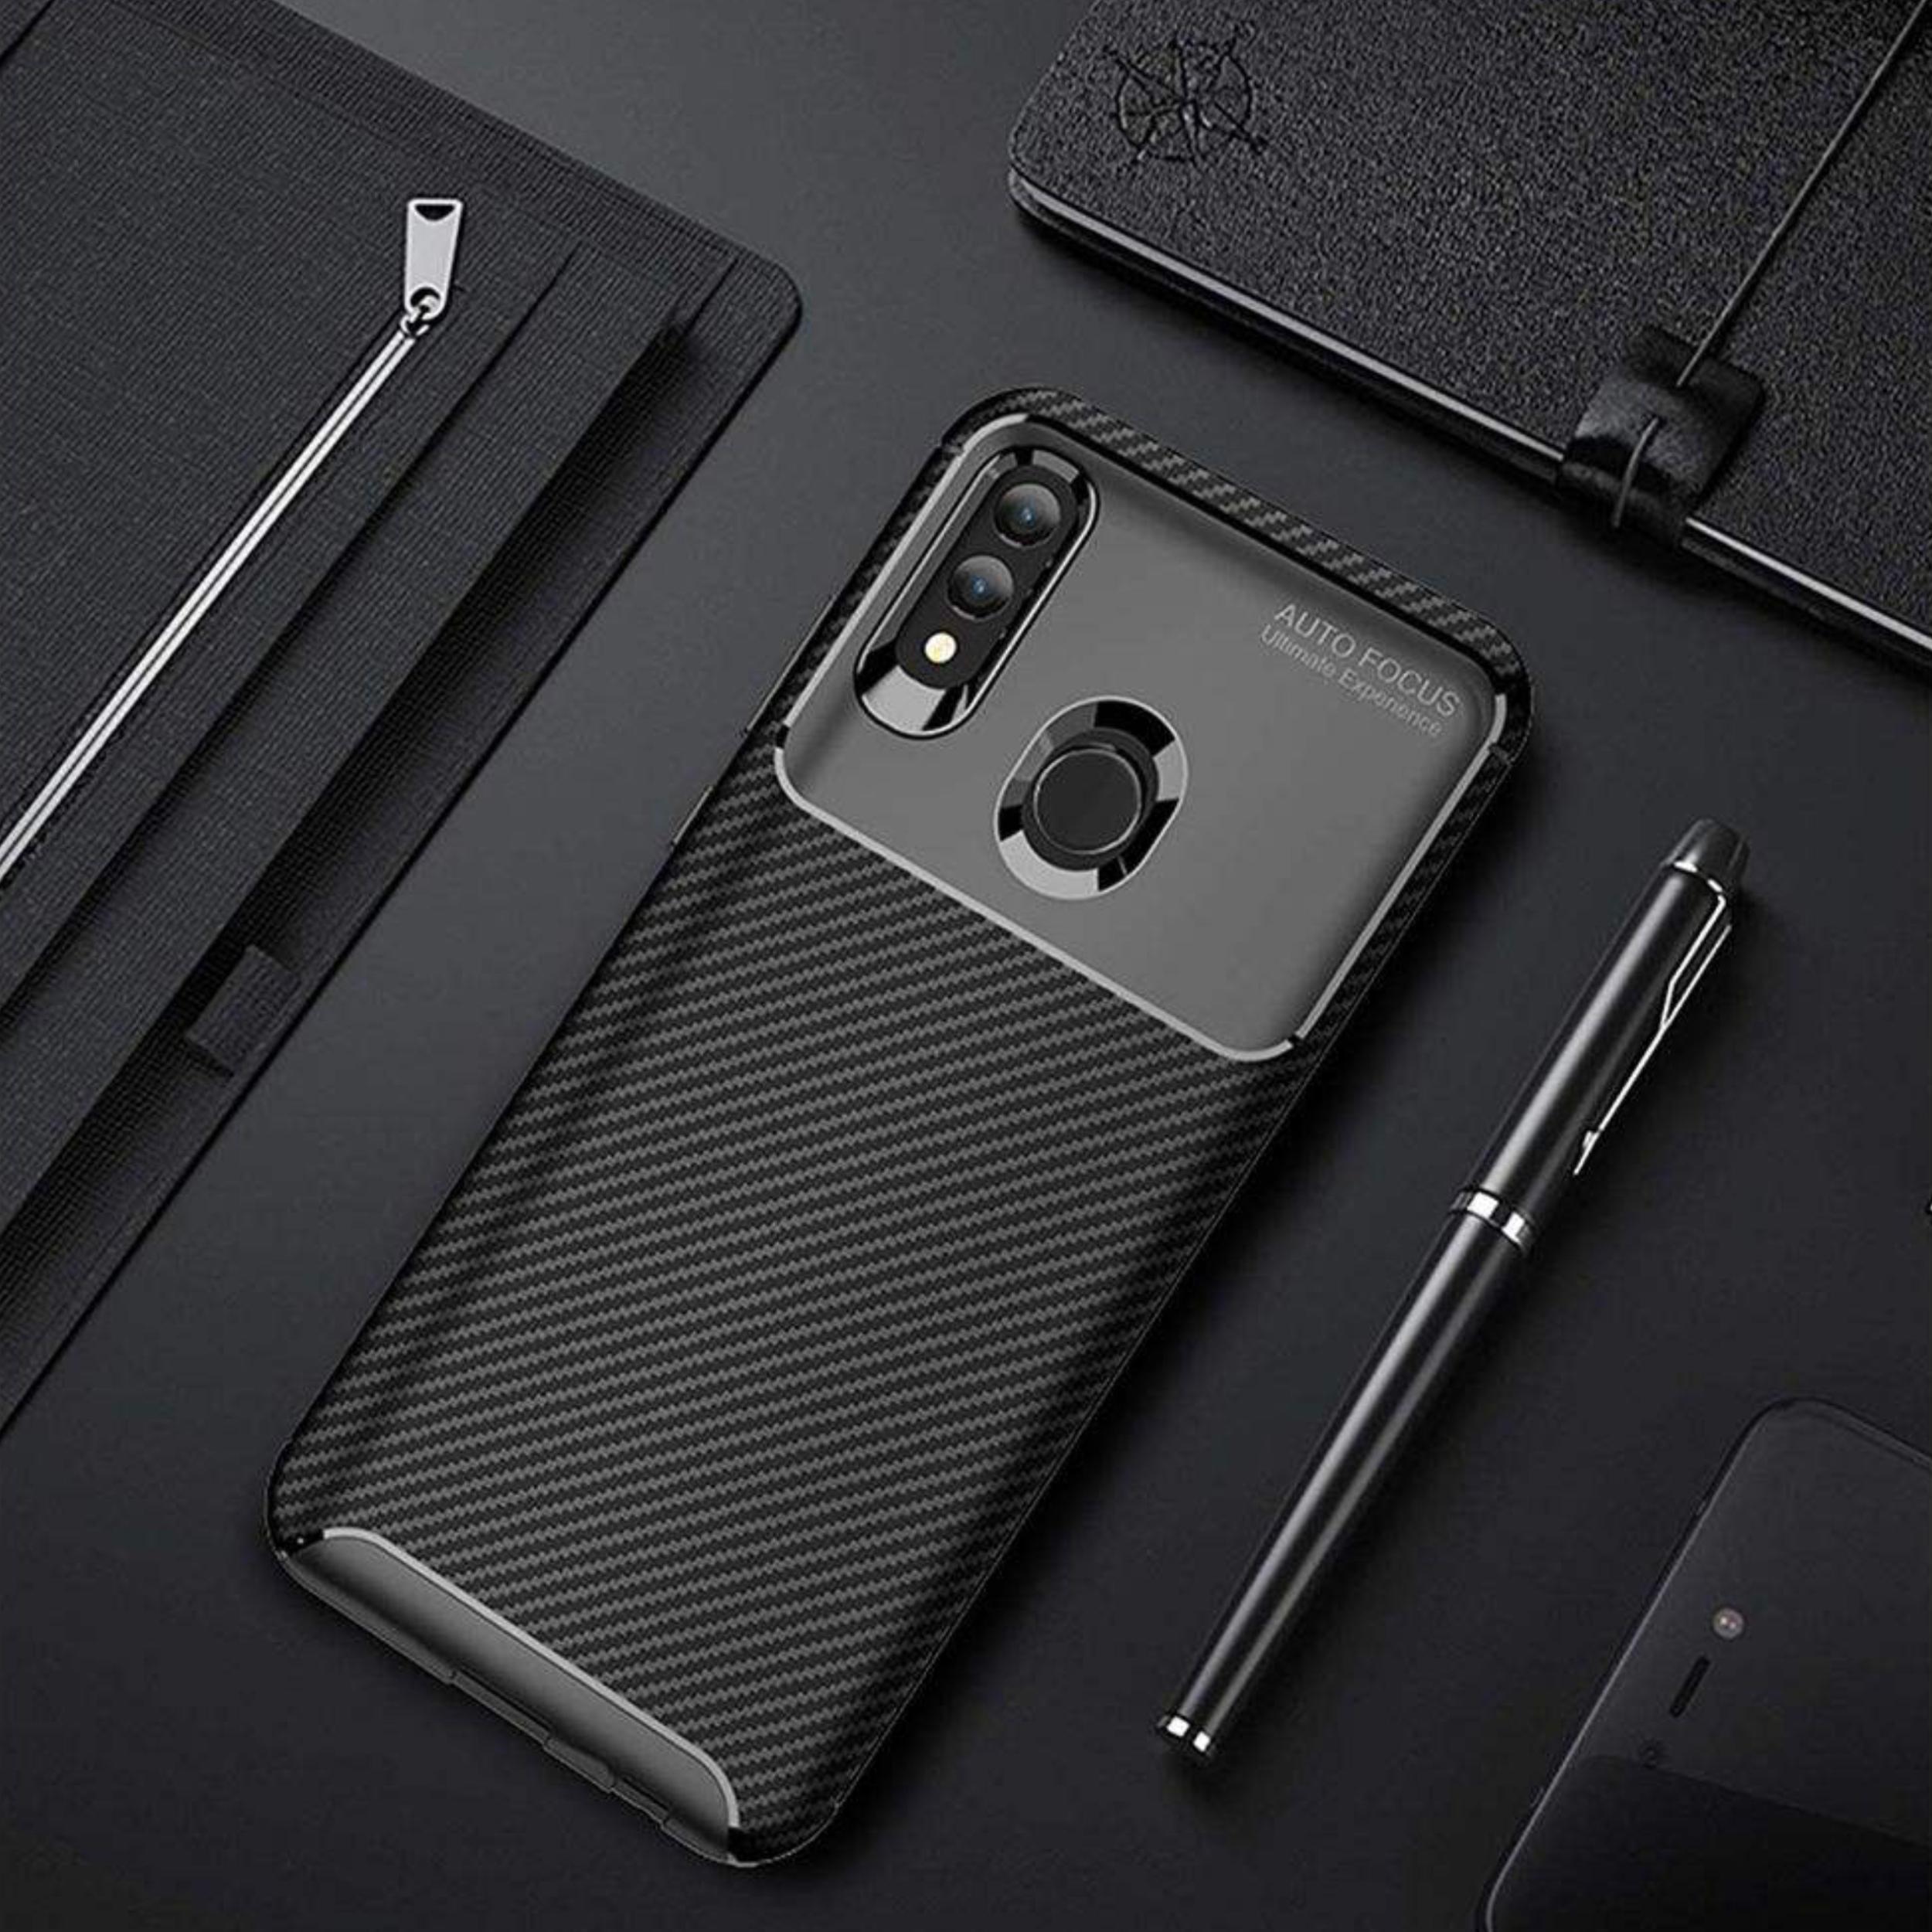 کاور لاین کینگ مدل A21 مناسب برای گوشی موبایل هوآوی P Smart 2019/ آنر 10Lite thumb 2 2